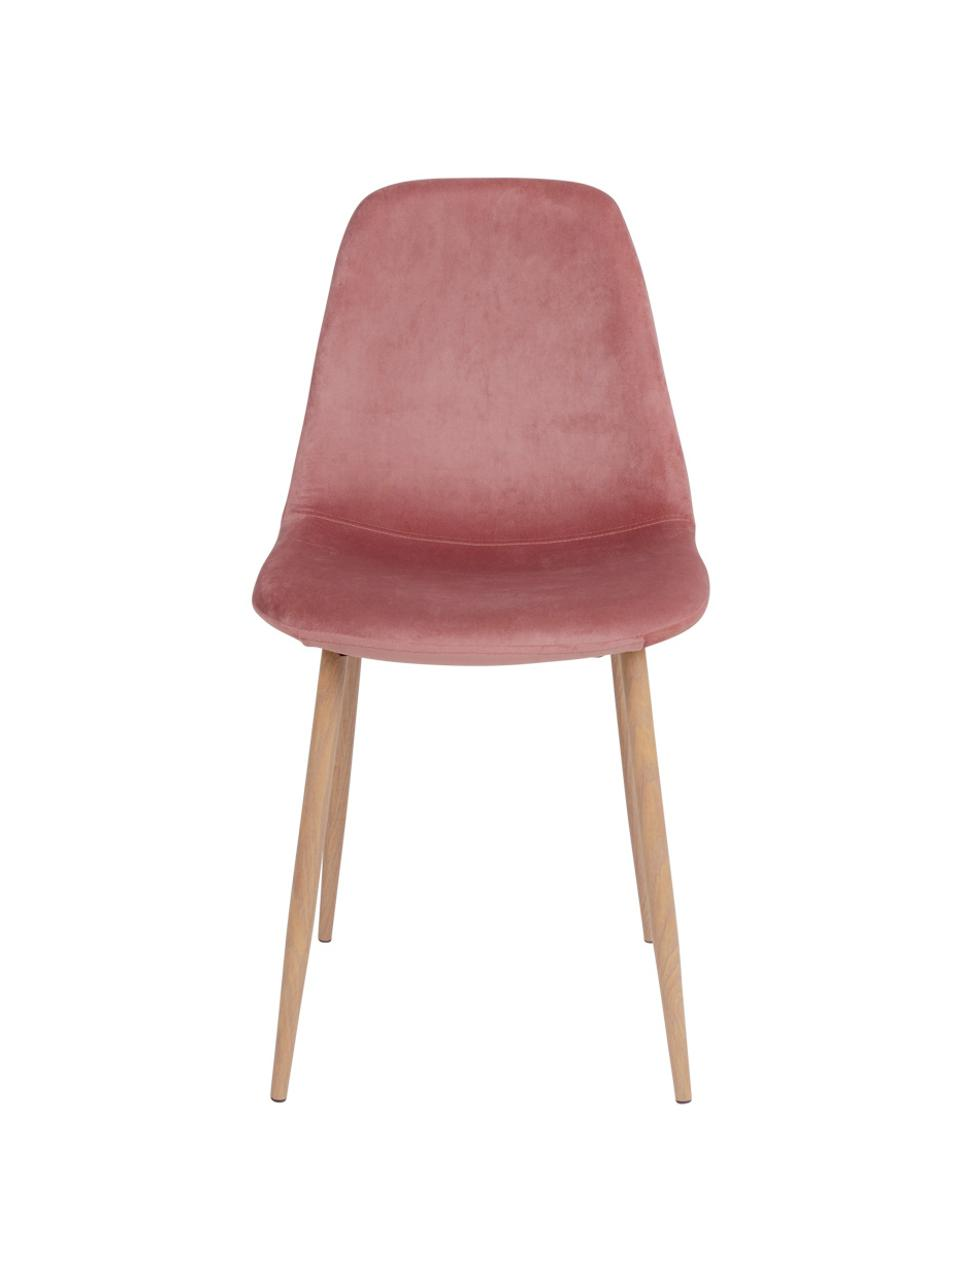 Krzesło tapicerowane z aksamitu Stockholm, Tapicerka: aksamit poliestrowy, Nogi: metal powlekany, Blady różowy, jasny brązowy, S 47 x G 50 cm